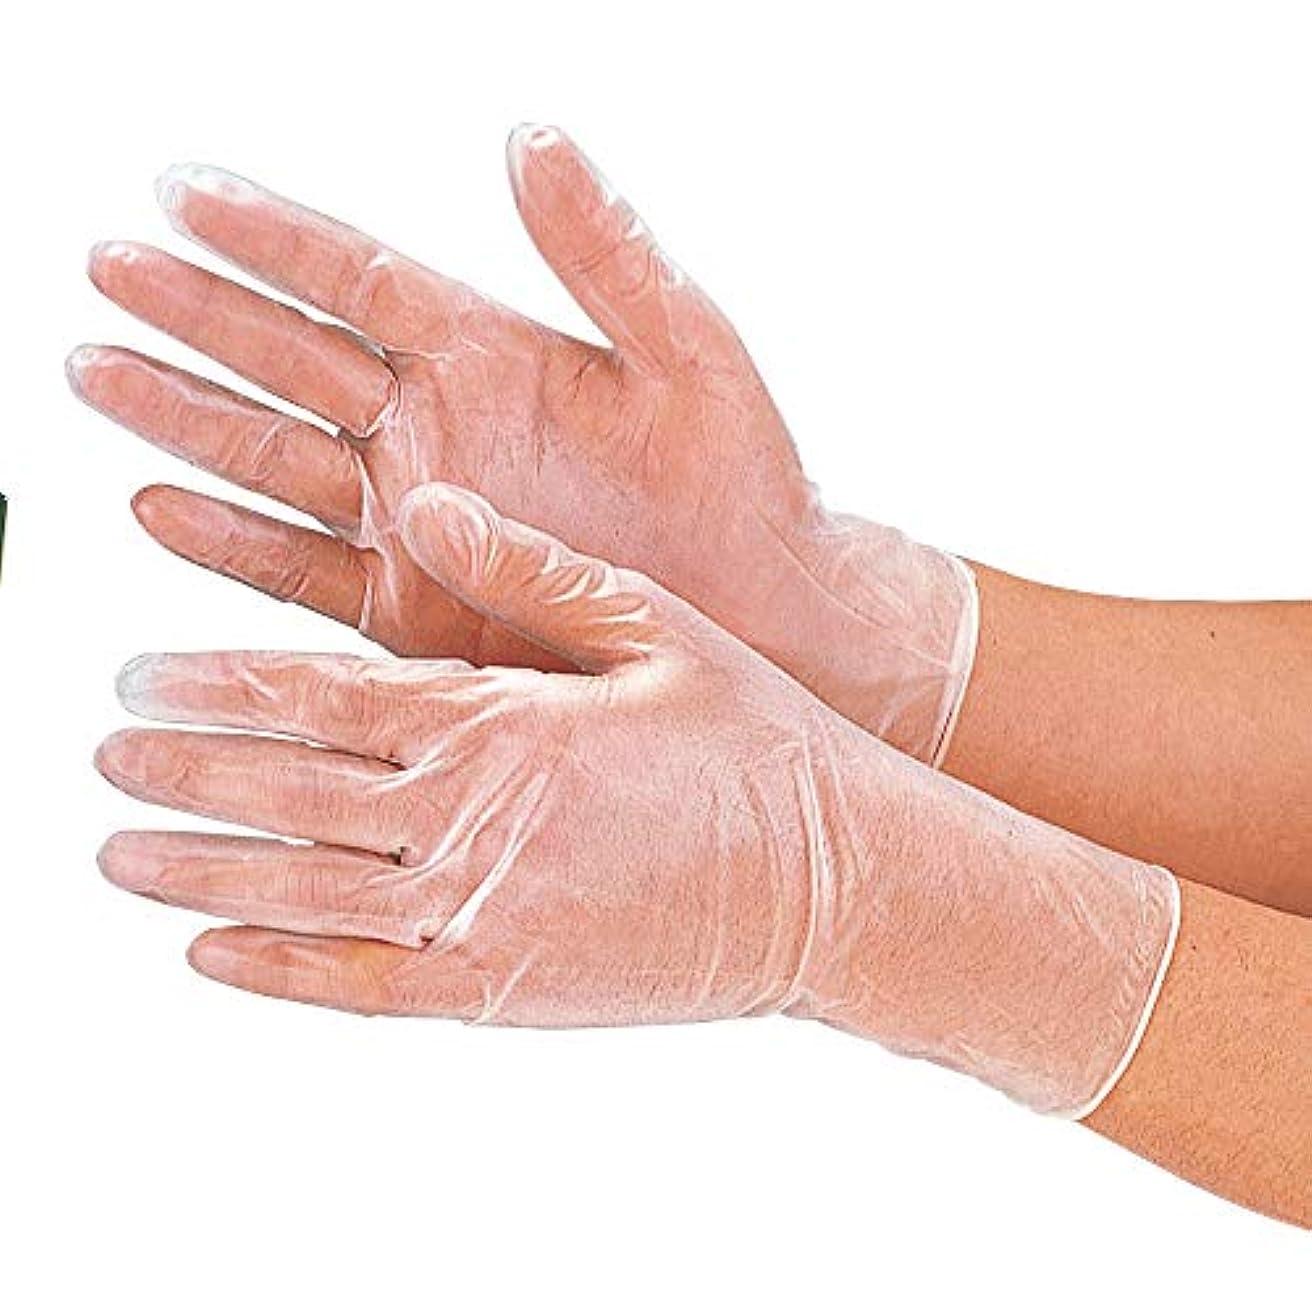 目を覚ます昇るなめらかおたふく手袋 プラスチックディスポ手袋 100枚入り #255 S/M/L